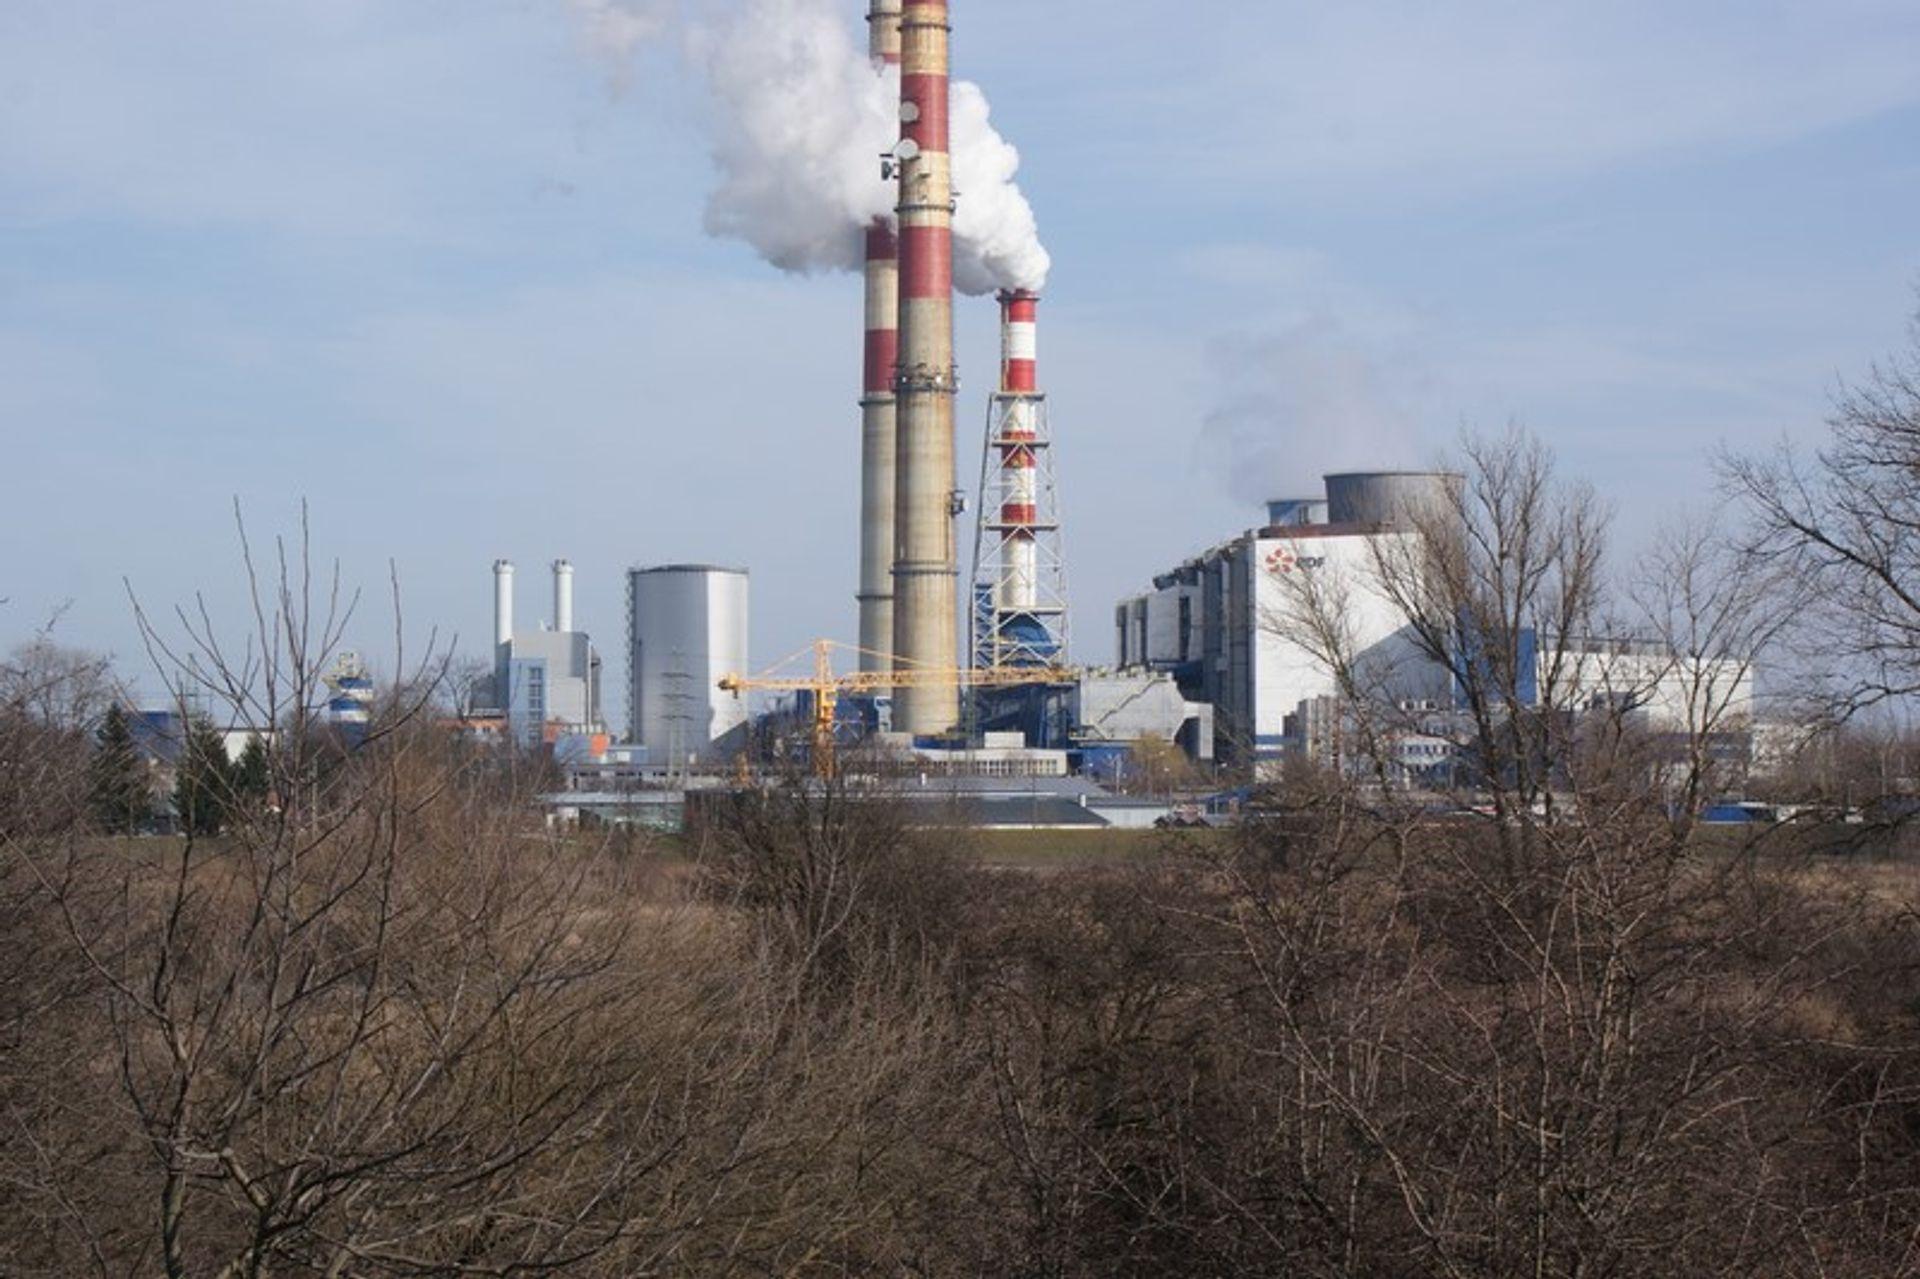 [Kraków] Elektrociepłownia burzy 220 metrowy komin